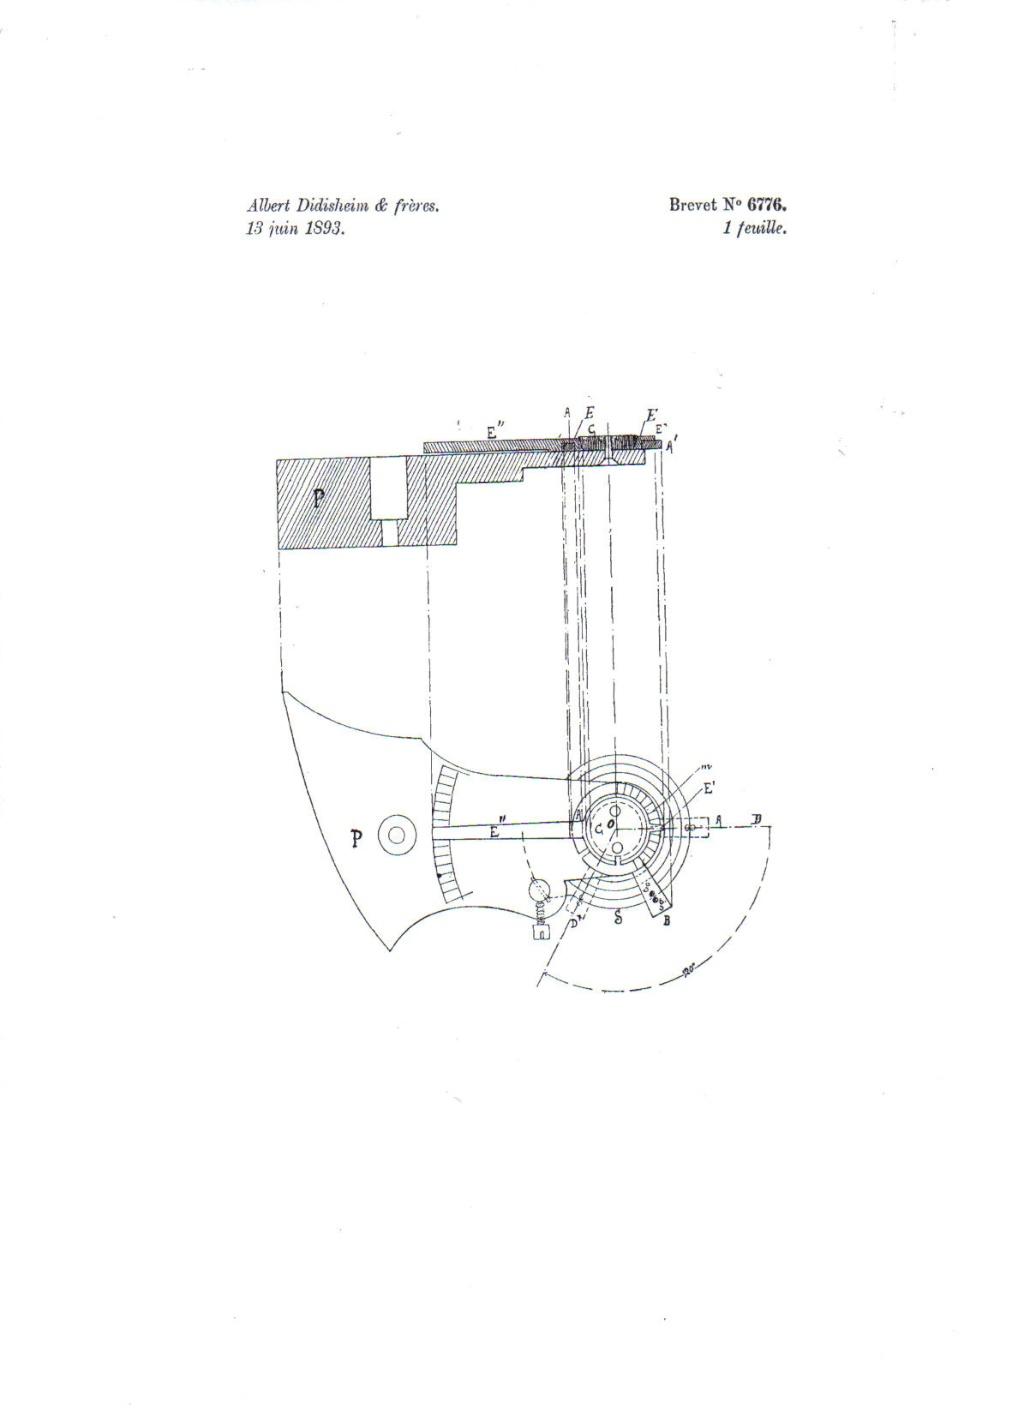 Les brevets suisses : recherches etc... Didi0011